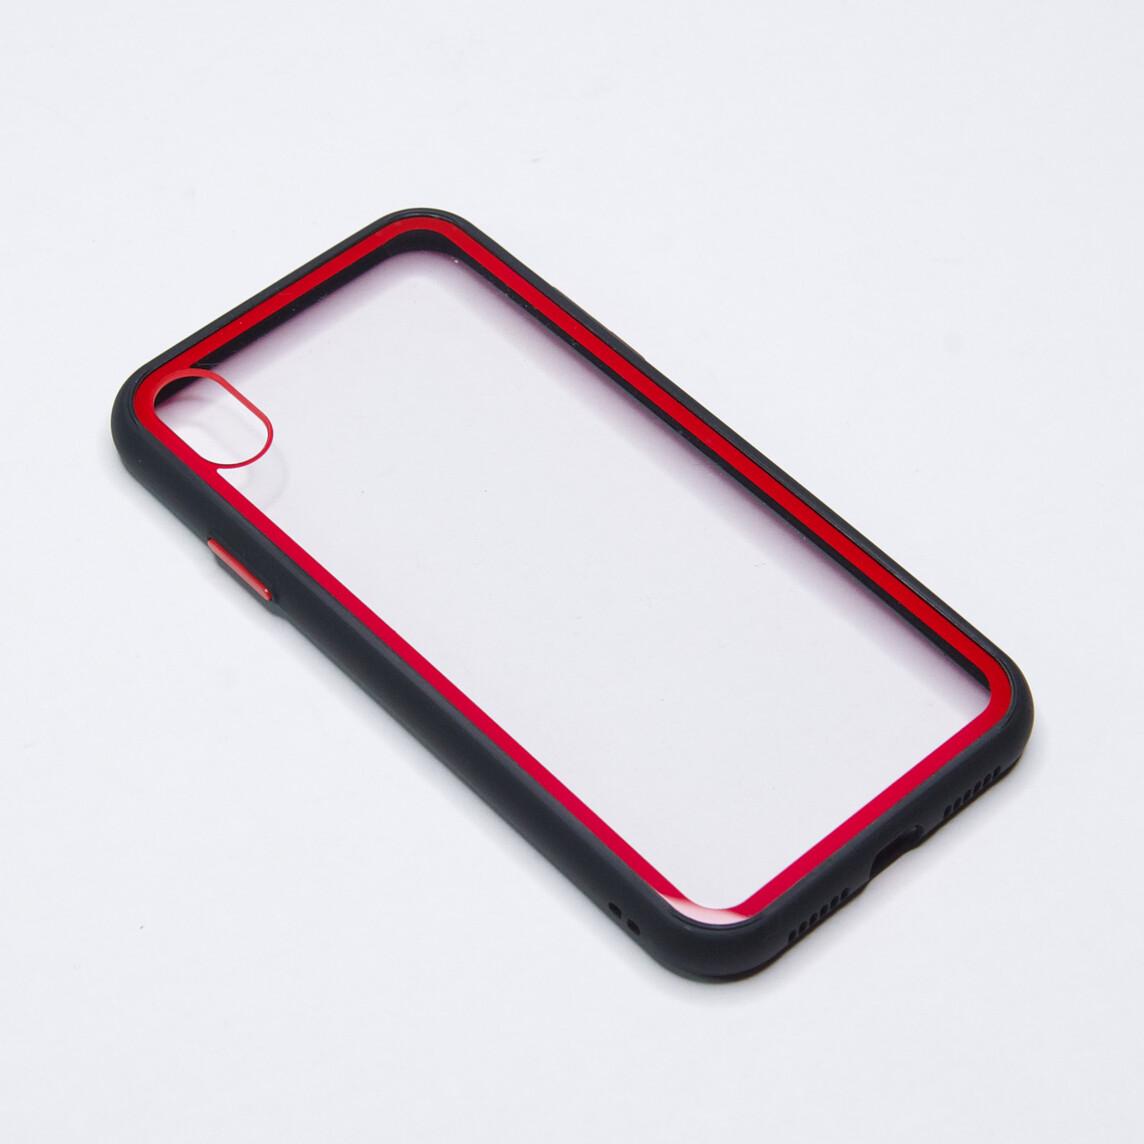 Estuche EL REY Marco De Color Negro Y Parte De Atras Transparente - Iphone Xs Max